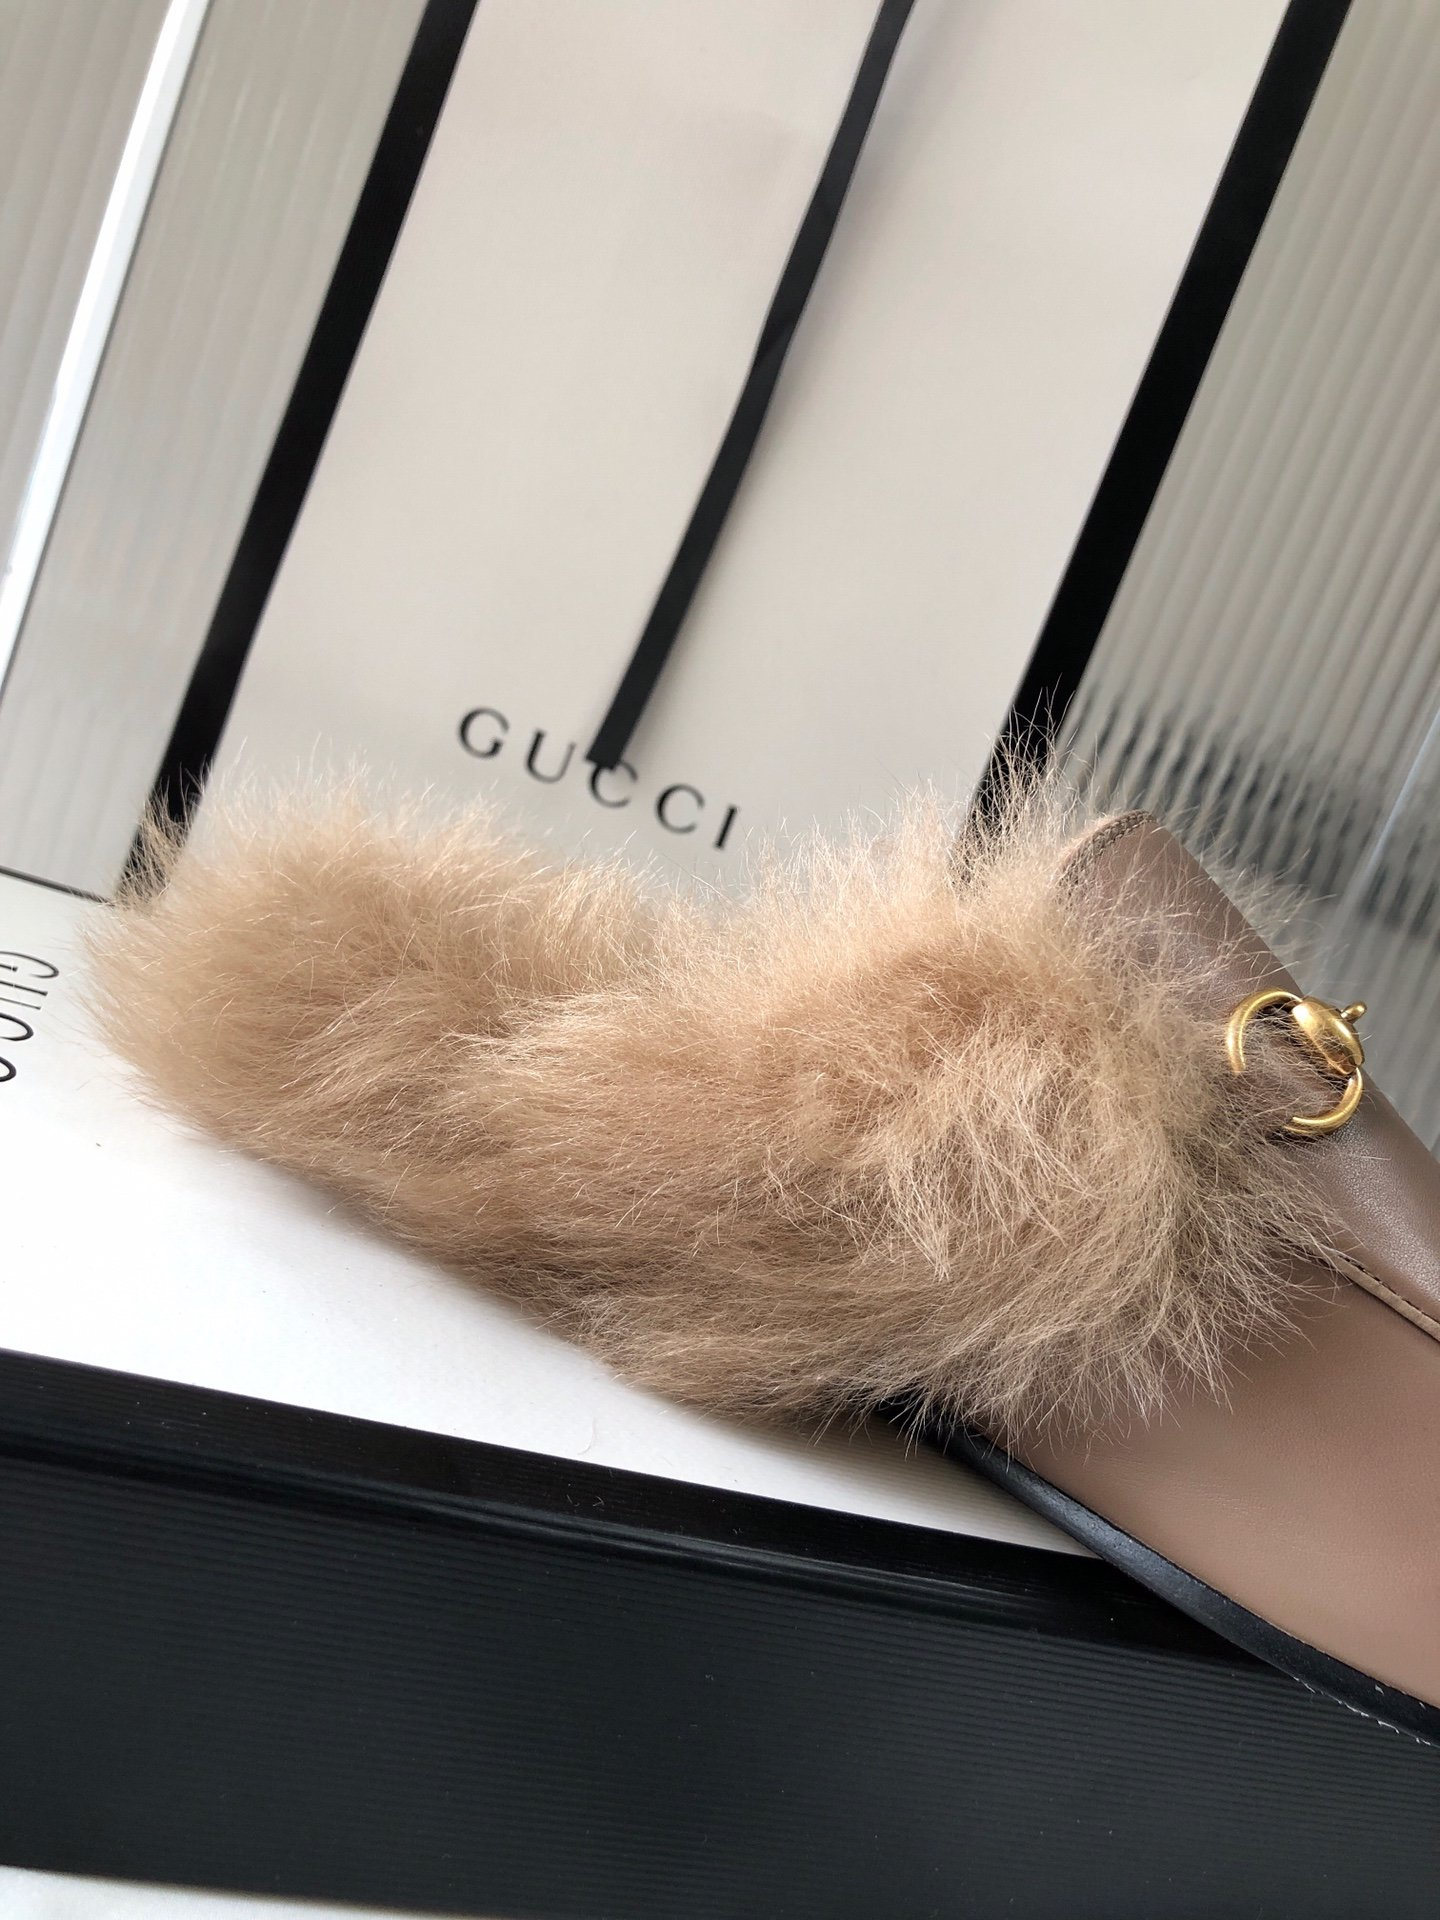 Gucci古奇 羔羊毛穆勒鞋明星同款(图16)